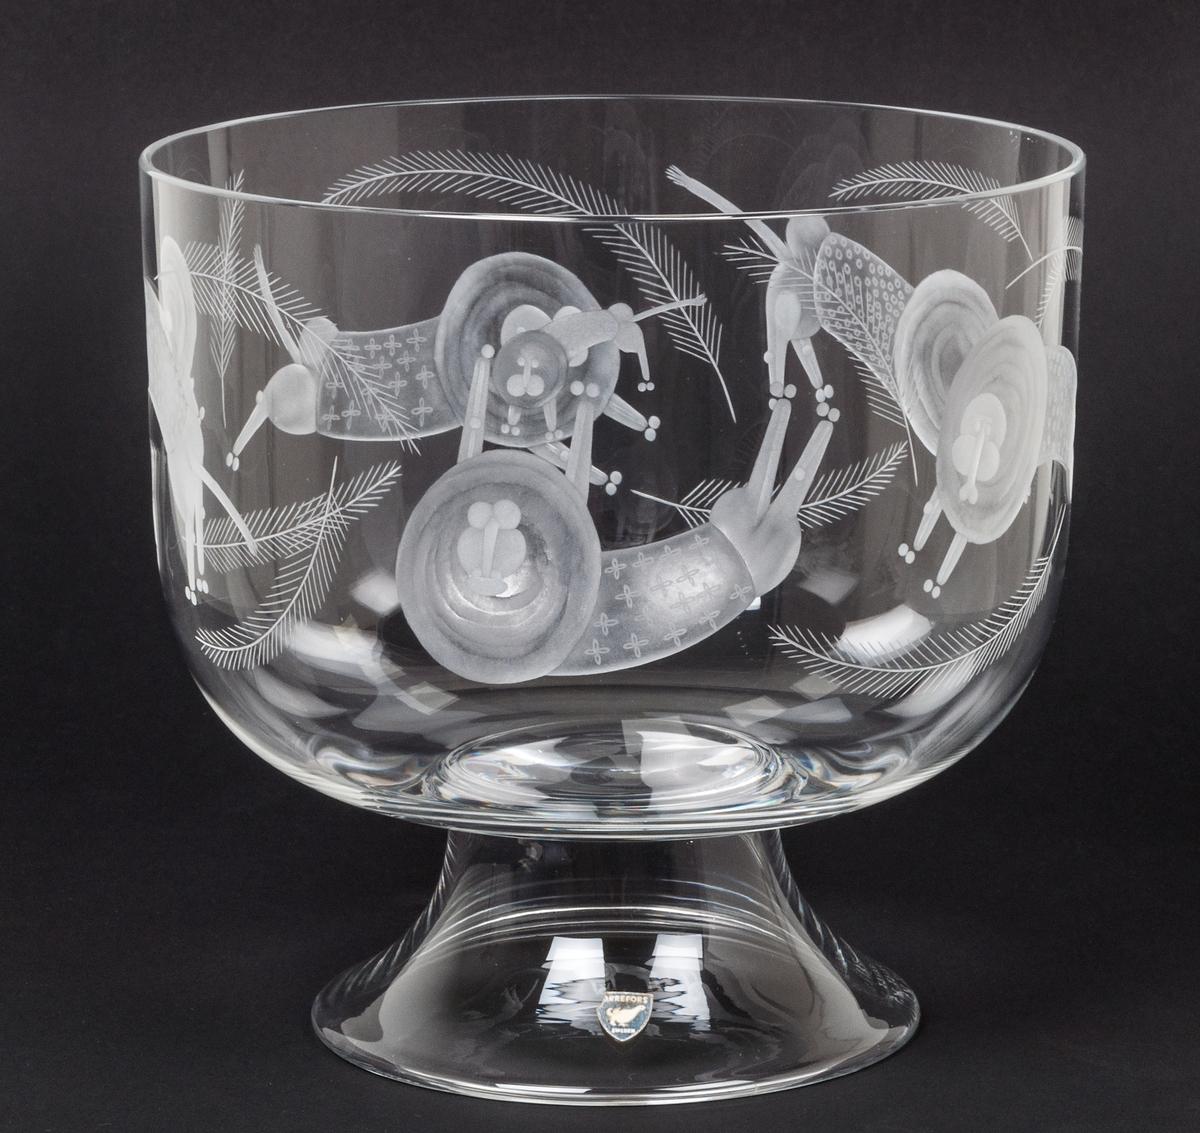 Skål på fot, kristall. Orrefors glasbruk, desing Gunnar Cyrén. Cylindrisk med välvd botten. Konkav fot. Graverad dekor av lejon och apor. På foten grå sköldformad etikett med i vitt orre och texten : ORREFORS SWEDEN.